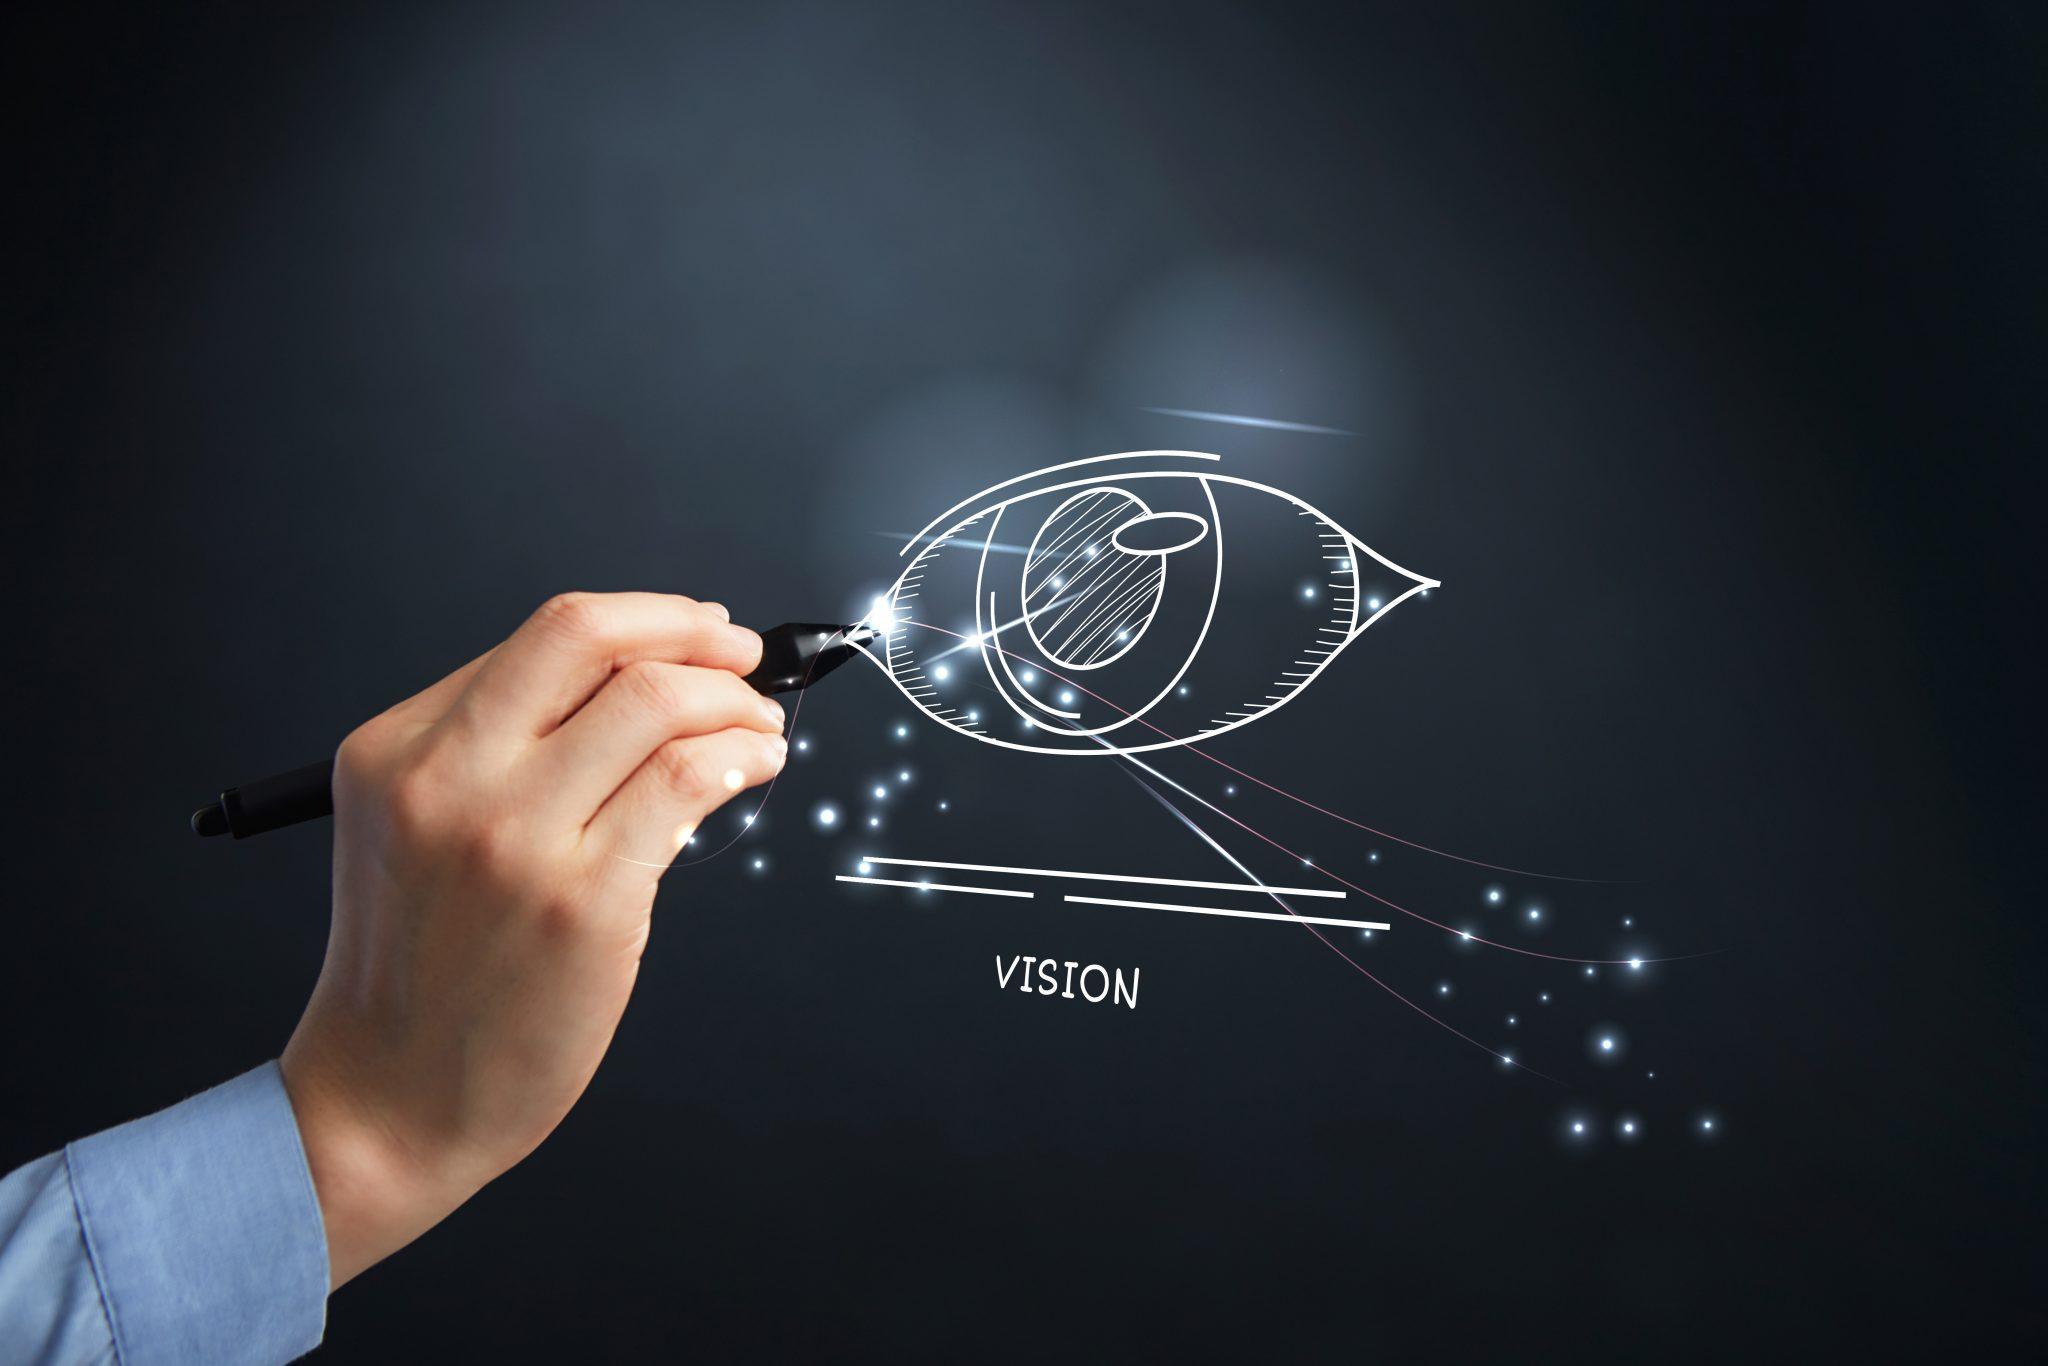 So entwickelst Du die Vision für Deinen Podcast